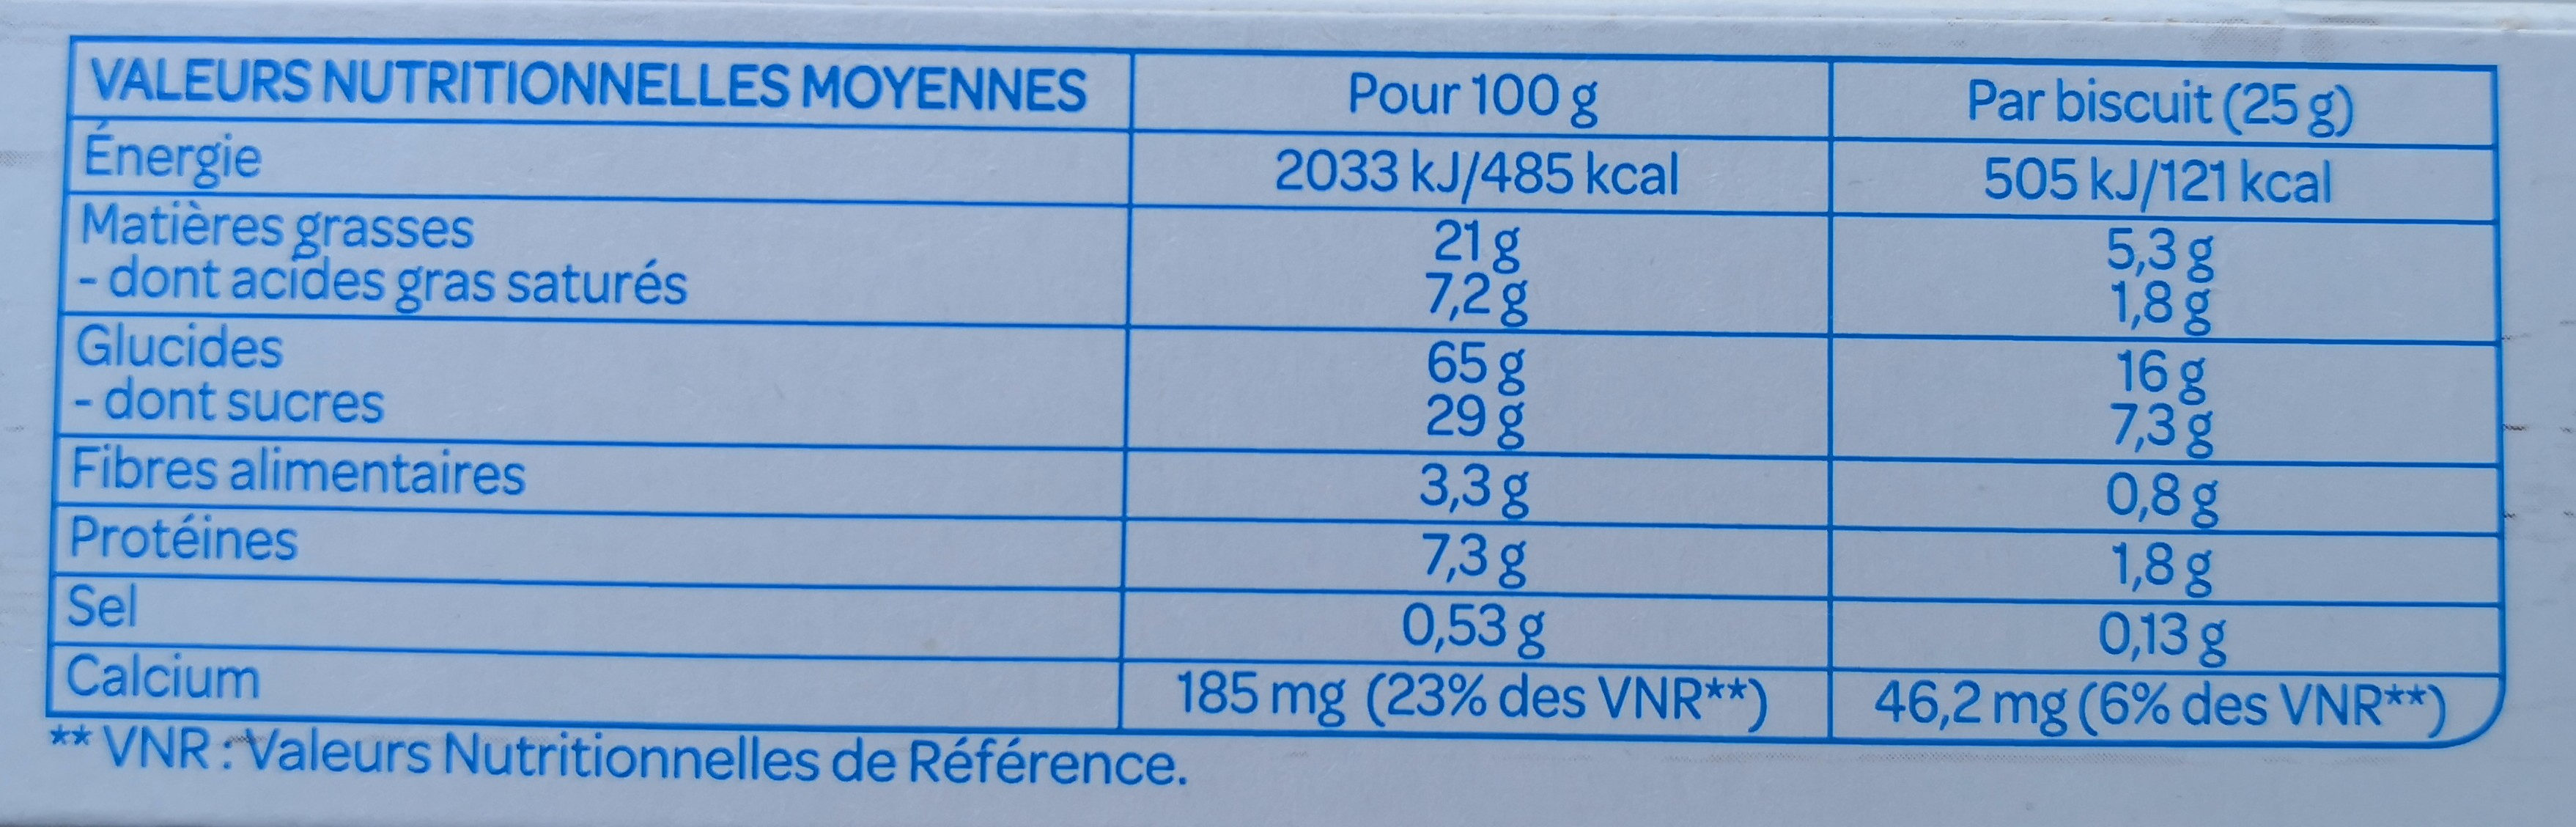 Fourrés Chocolat au lait BIO - Informations nutritionnelles - fr